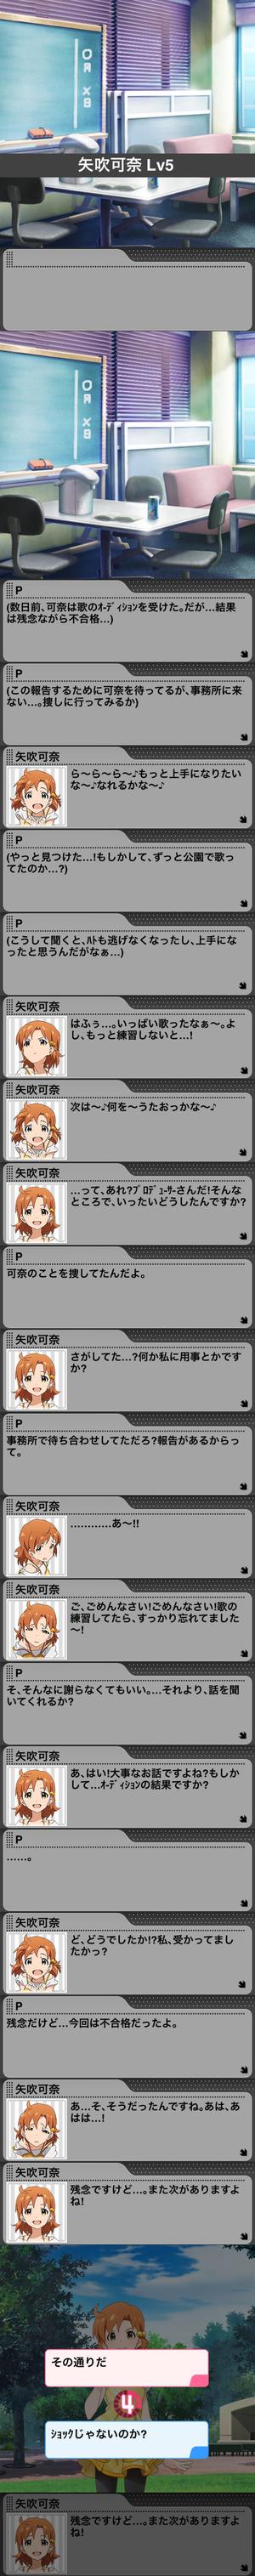 可奈アイドルストーリーLV5_1